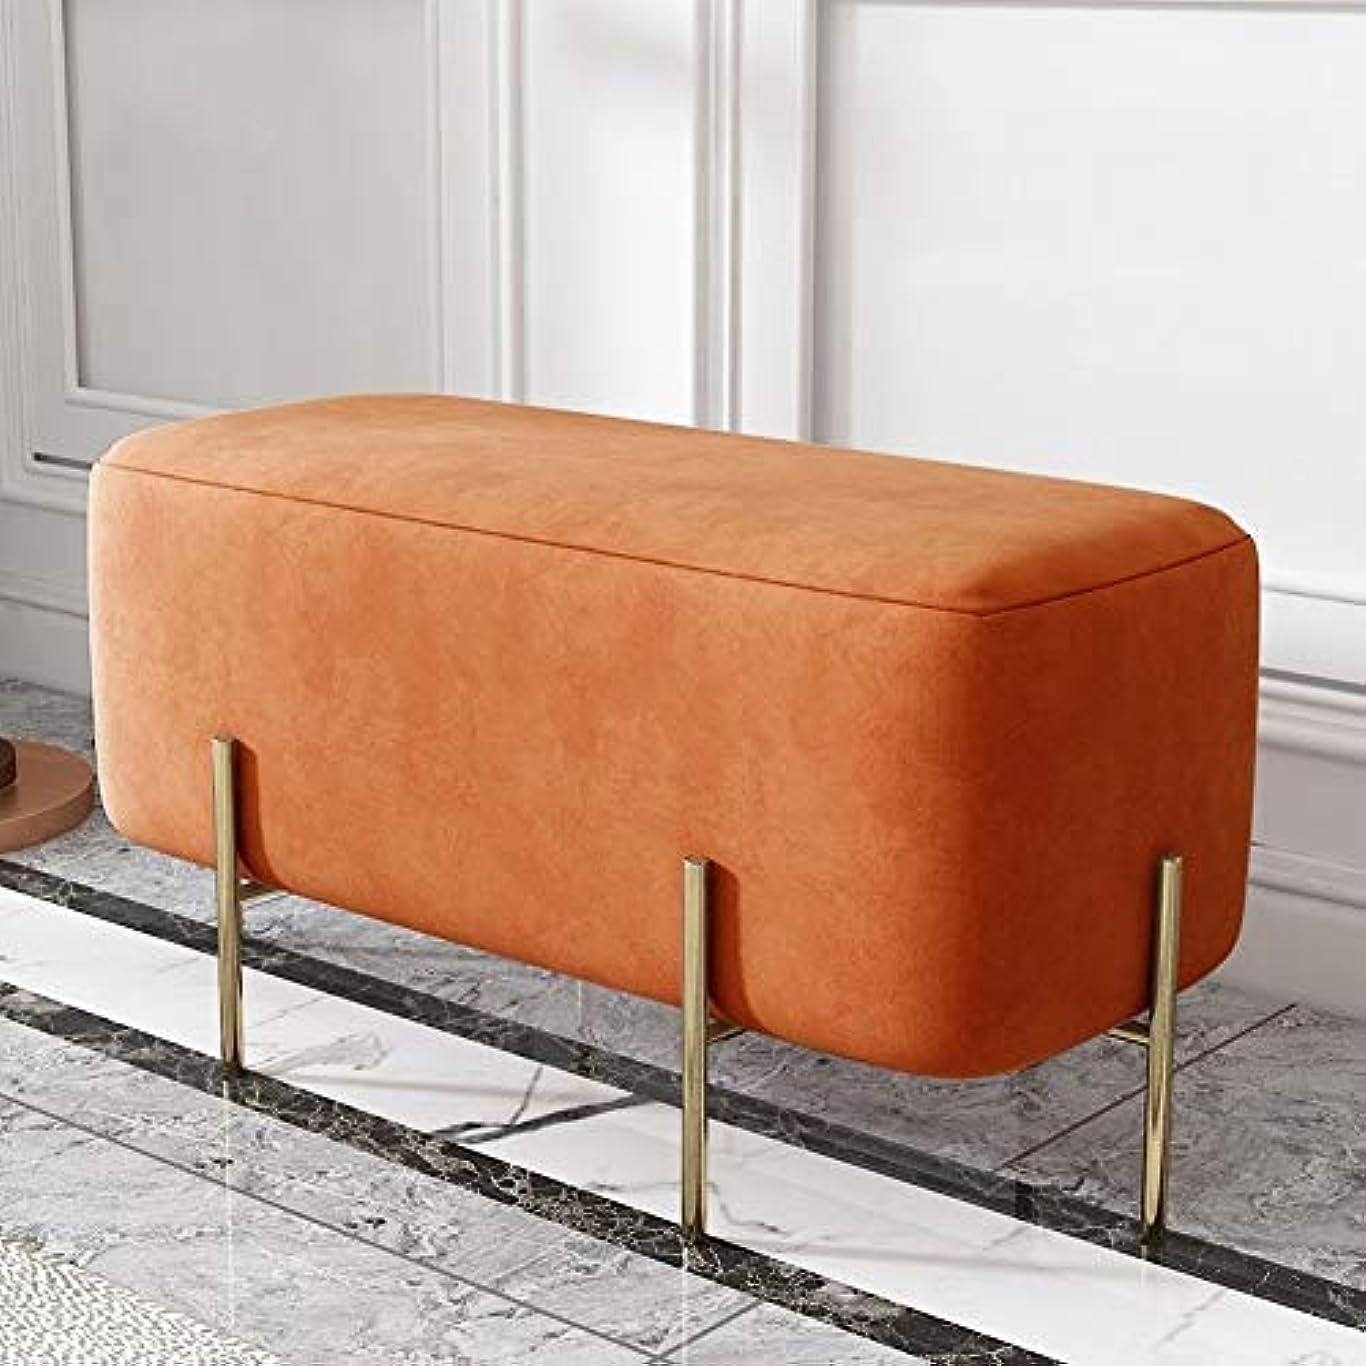 唇速記オートマトン北欧ホームドア変更靴ベンチベッドエンドスツールスツールスツールライト高級クロークソファーベンチベンチベンチシューズベンチ - 90センチ (Color : Sauce Orange)